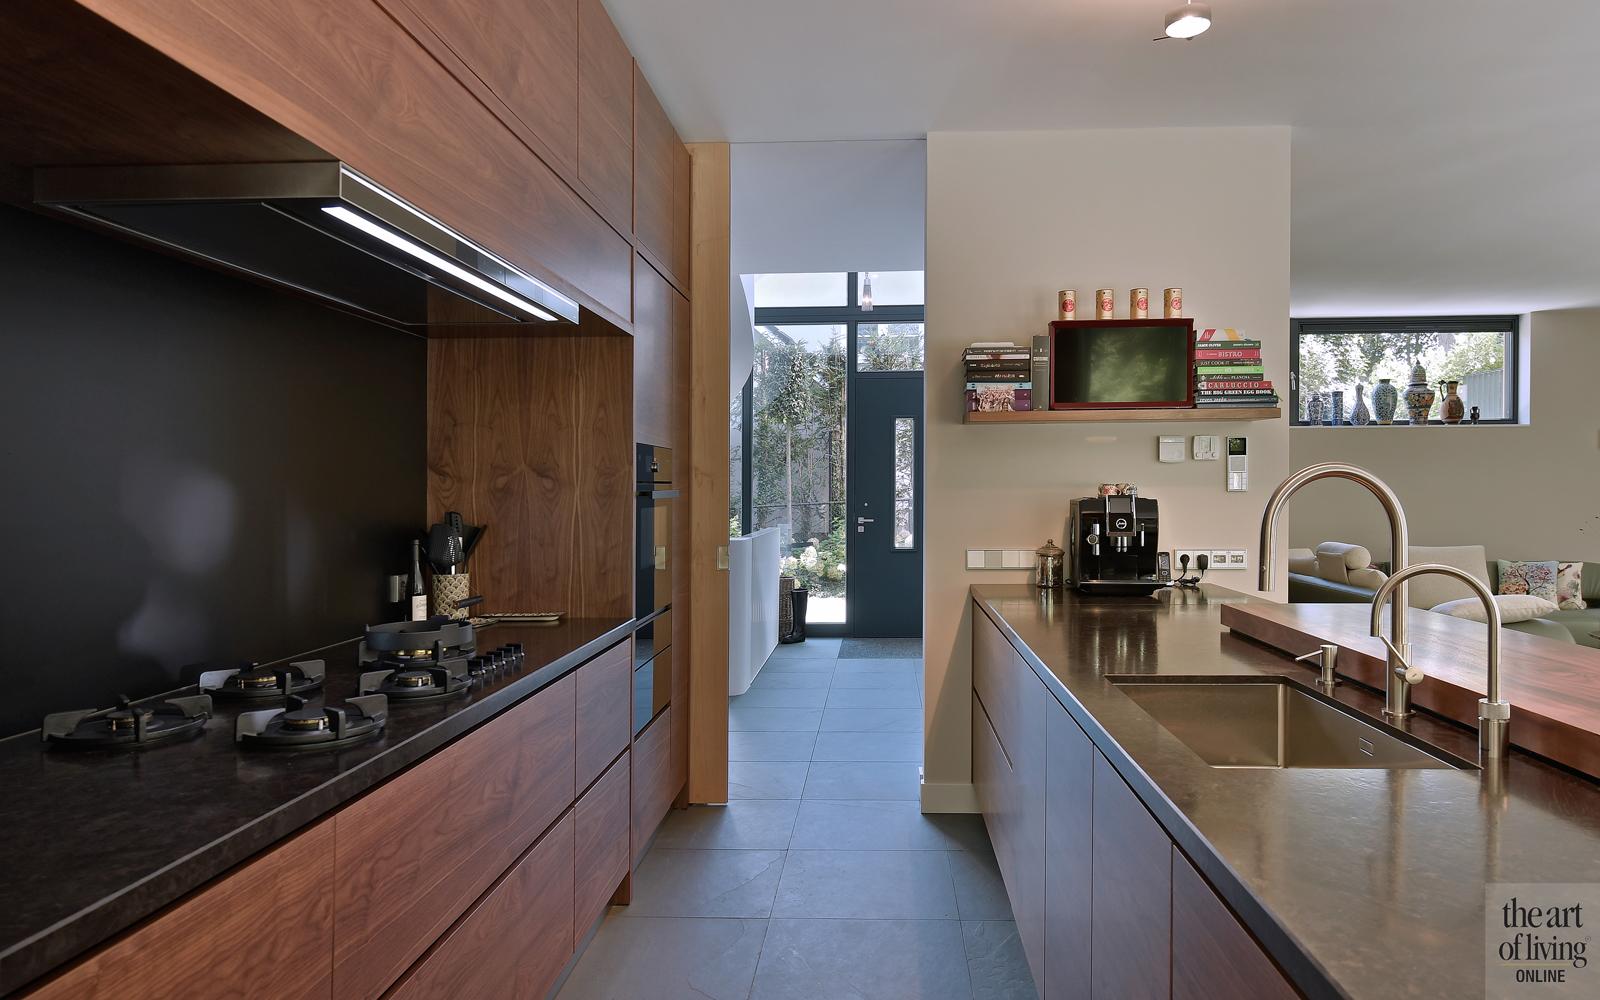 Werkblad in de keuken, Cosentino, Houten keuken, Marmer, Modern